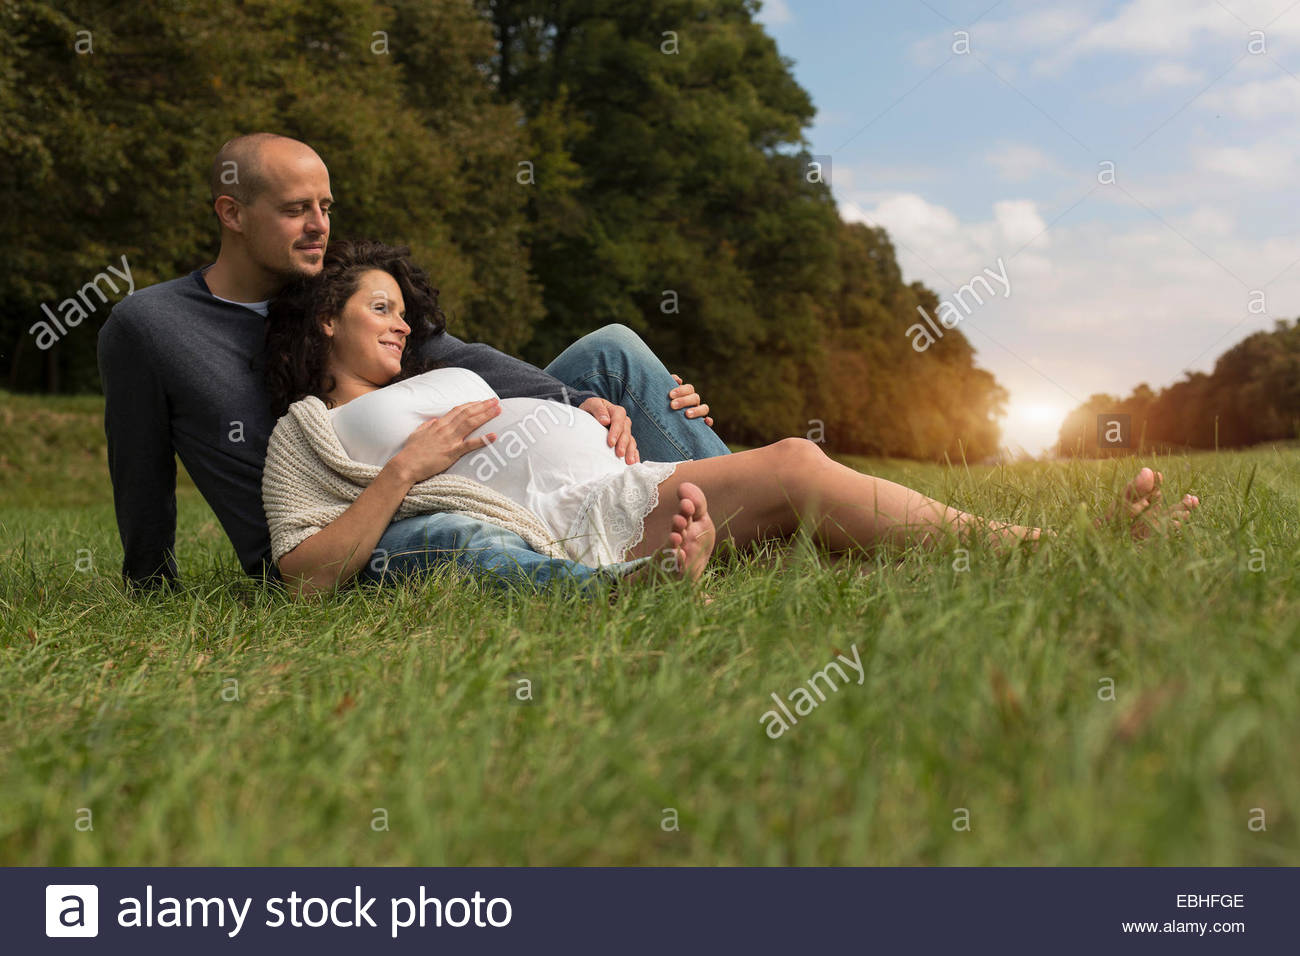 Pareja embarazada sentarse en la hierba en el parque Imagen De Stock